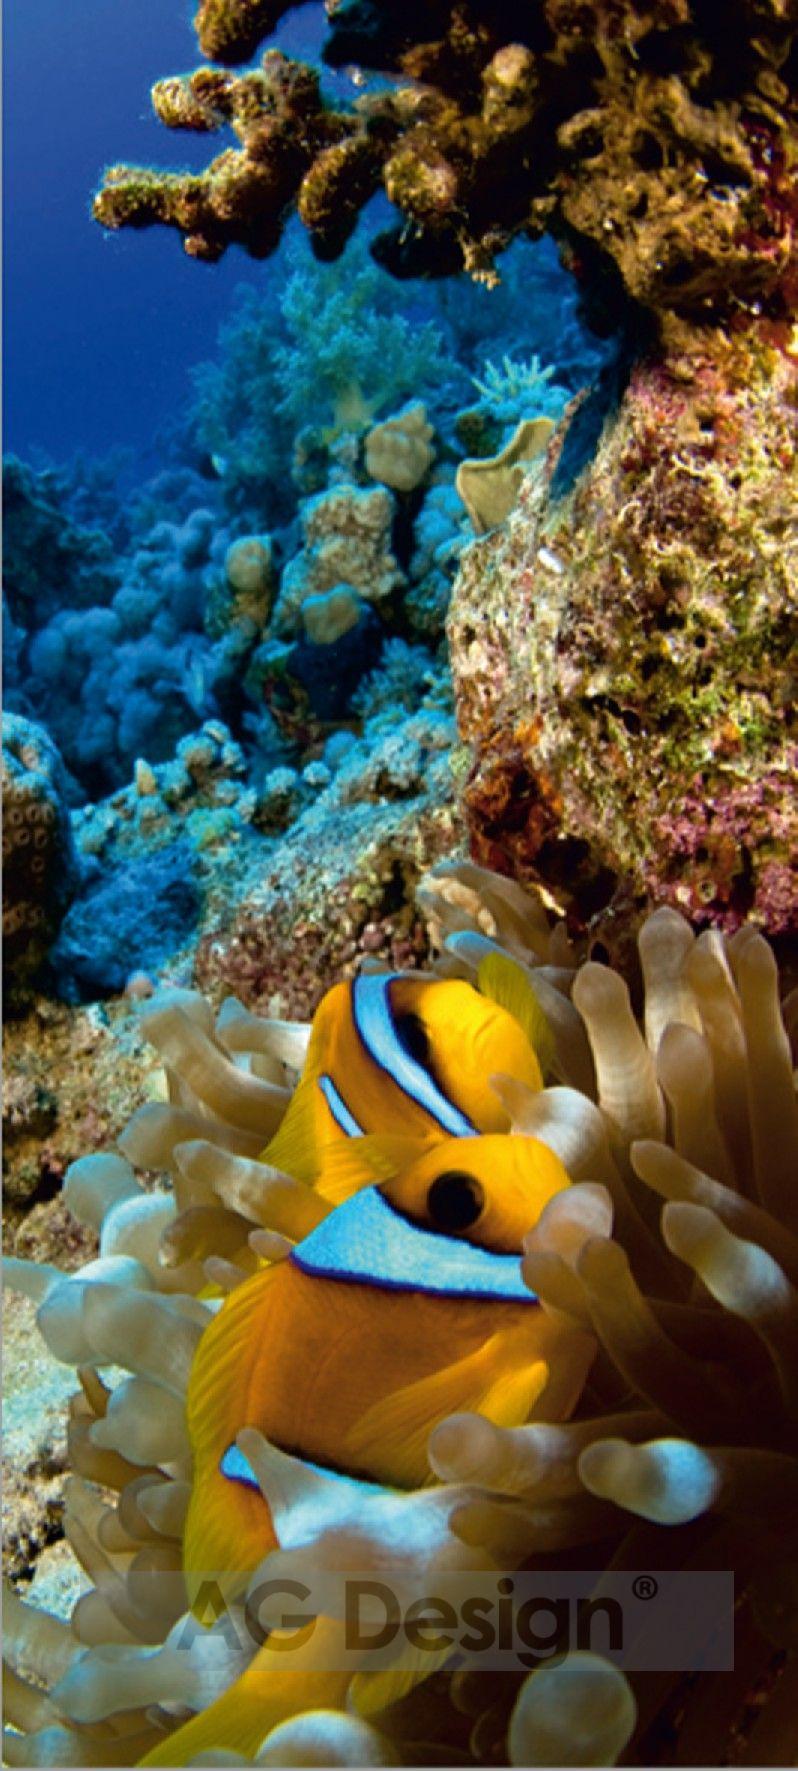 Fototapeta jednodílná - moře